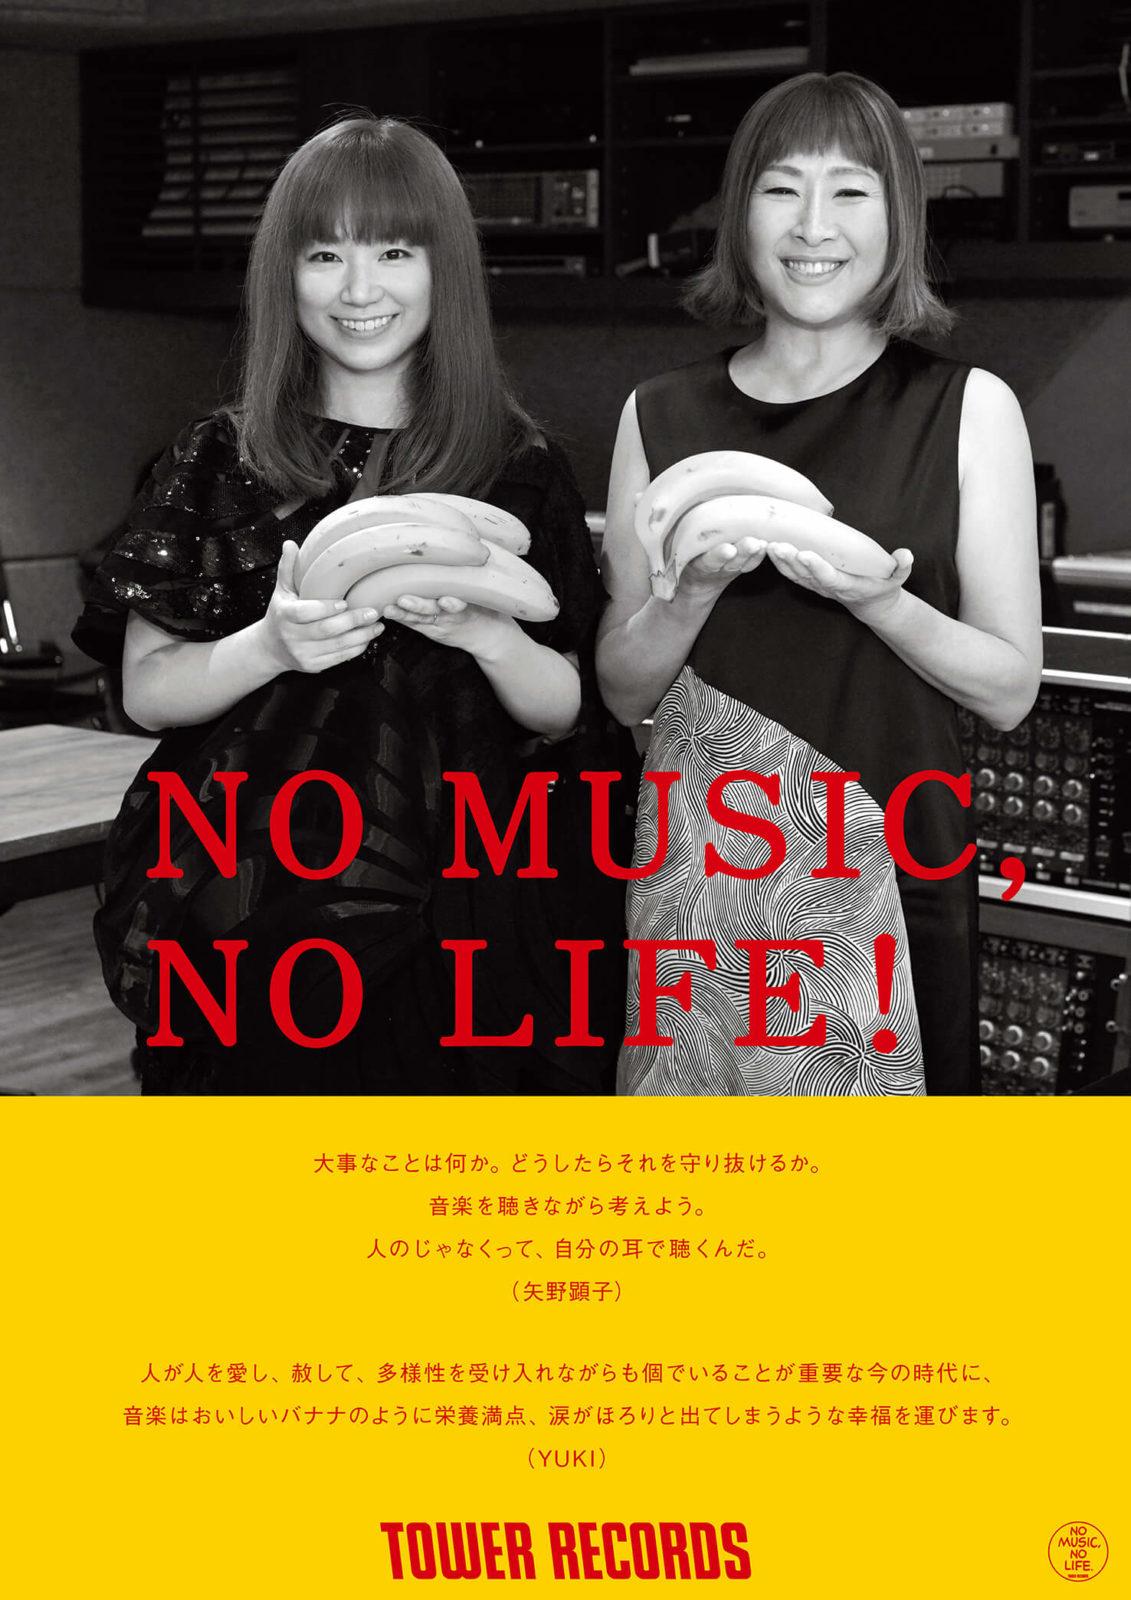 矢野顕子&YUKI、タワーレコード「NO MUSIC, NO LIFE.」ポスターに バナナを持って登場サムネイル画像